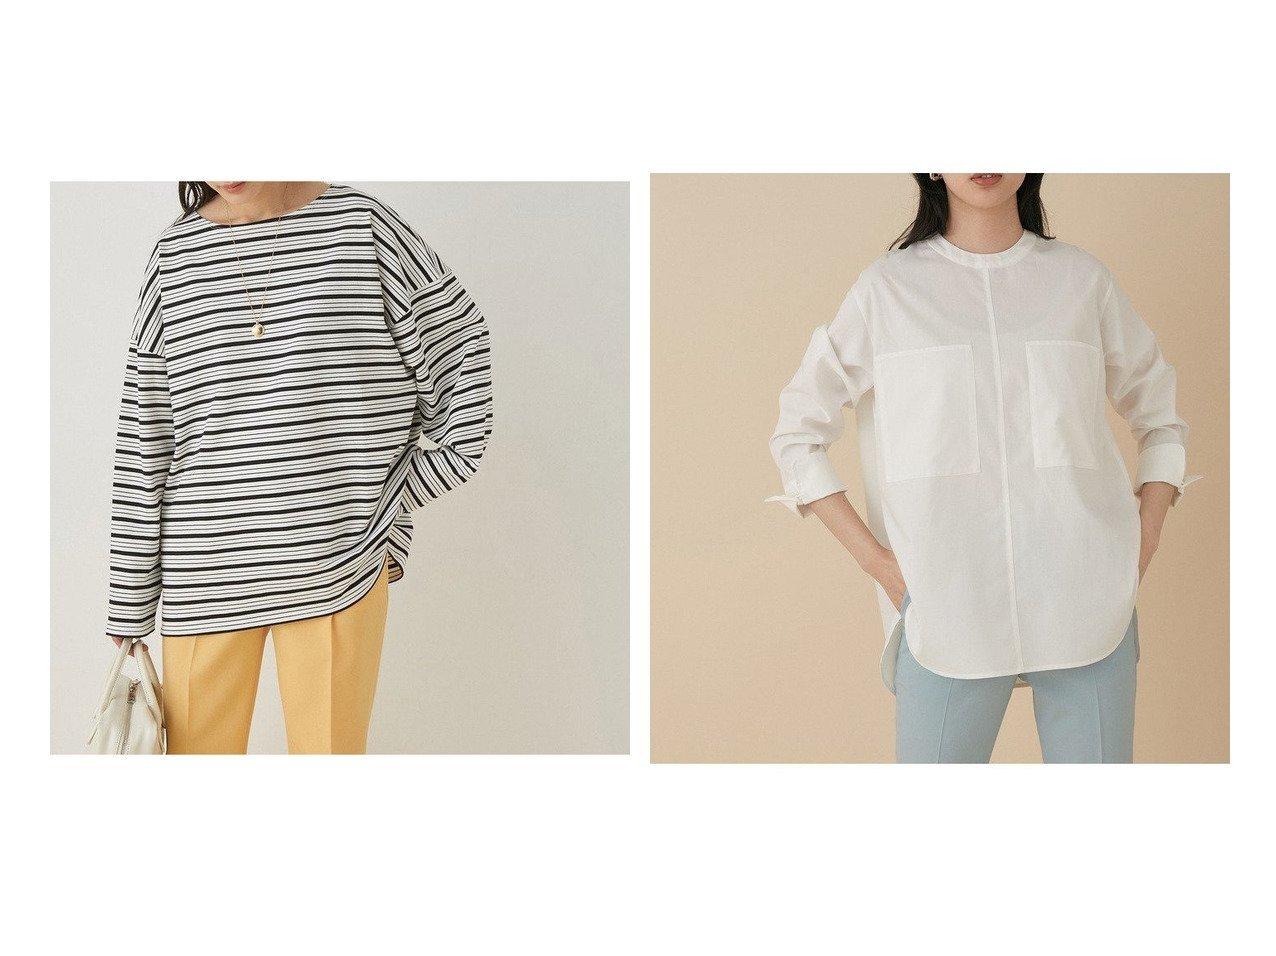 【ADAM ET ROPE'/アダム エ ロペ】の【WEB限定】レイヤリングシャツ&【WEB限定】BIGボーダープルオーバー 別注・限定・コラボなど、おすすめ!人気トレンド・レディースファッション通販 おすすめで人気の流行・トレンド、ファッションの通販商品 メンズファッション・キッズファッション・インテリア・家具・レディースファッション・服の通販 founy(ファニー) https://founy.com/ ファッション Fashion レディースファッション WOMEN トップス カットソー Tops Tshirt シャツ/ブラウス Shirts Blouses ロング / Tシャツ T-Shirts プルオーバー Pullover カットソー Cut and Sewn ジュエリー Jewelry リング Rings イヤリング Earrings 春 Spring サンダル フォルム ボトム ボーダー ポケット 2021年 2021 S/S 春夏 SS Spring/Summer 2021 春夏 S/S SS Spring/Summer 2021 おすすめ Recommend |ID:crp329100000024312